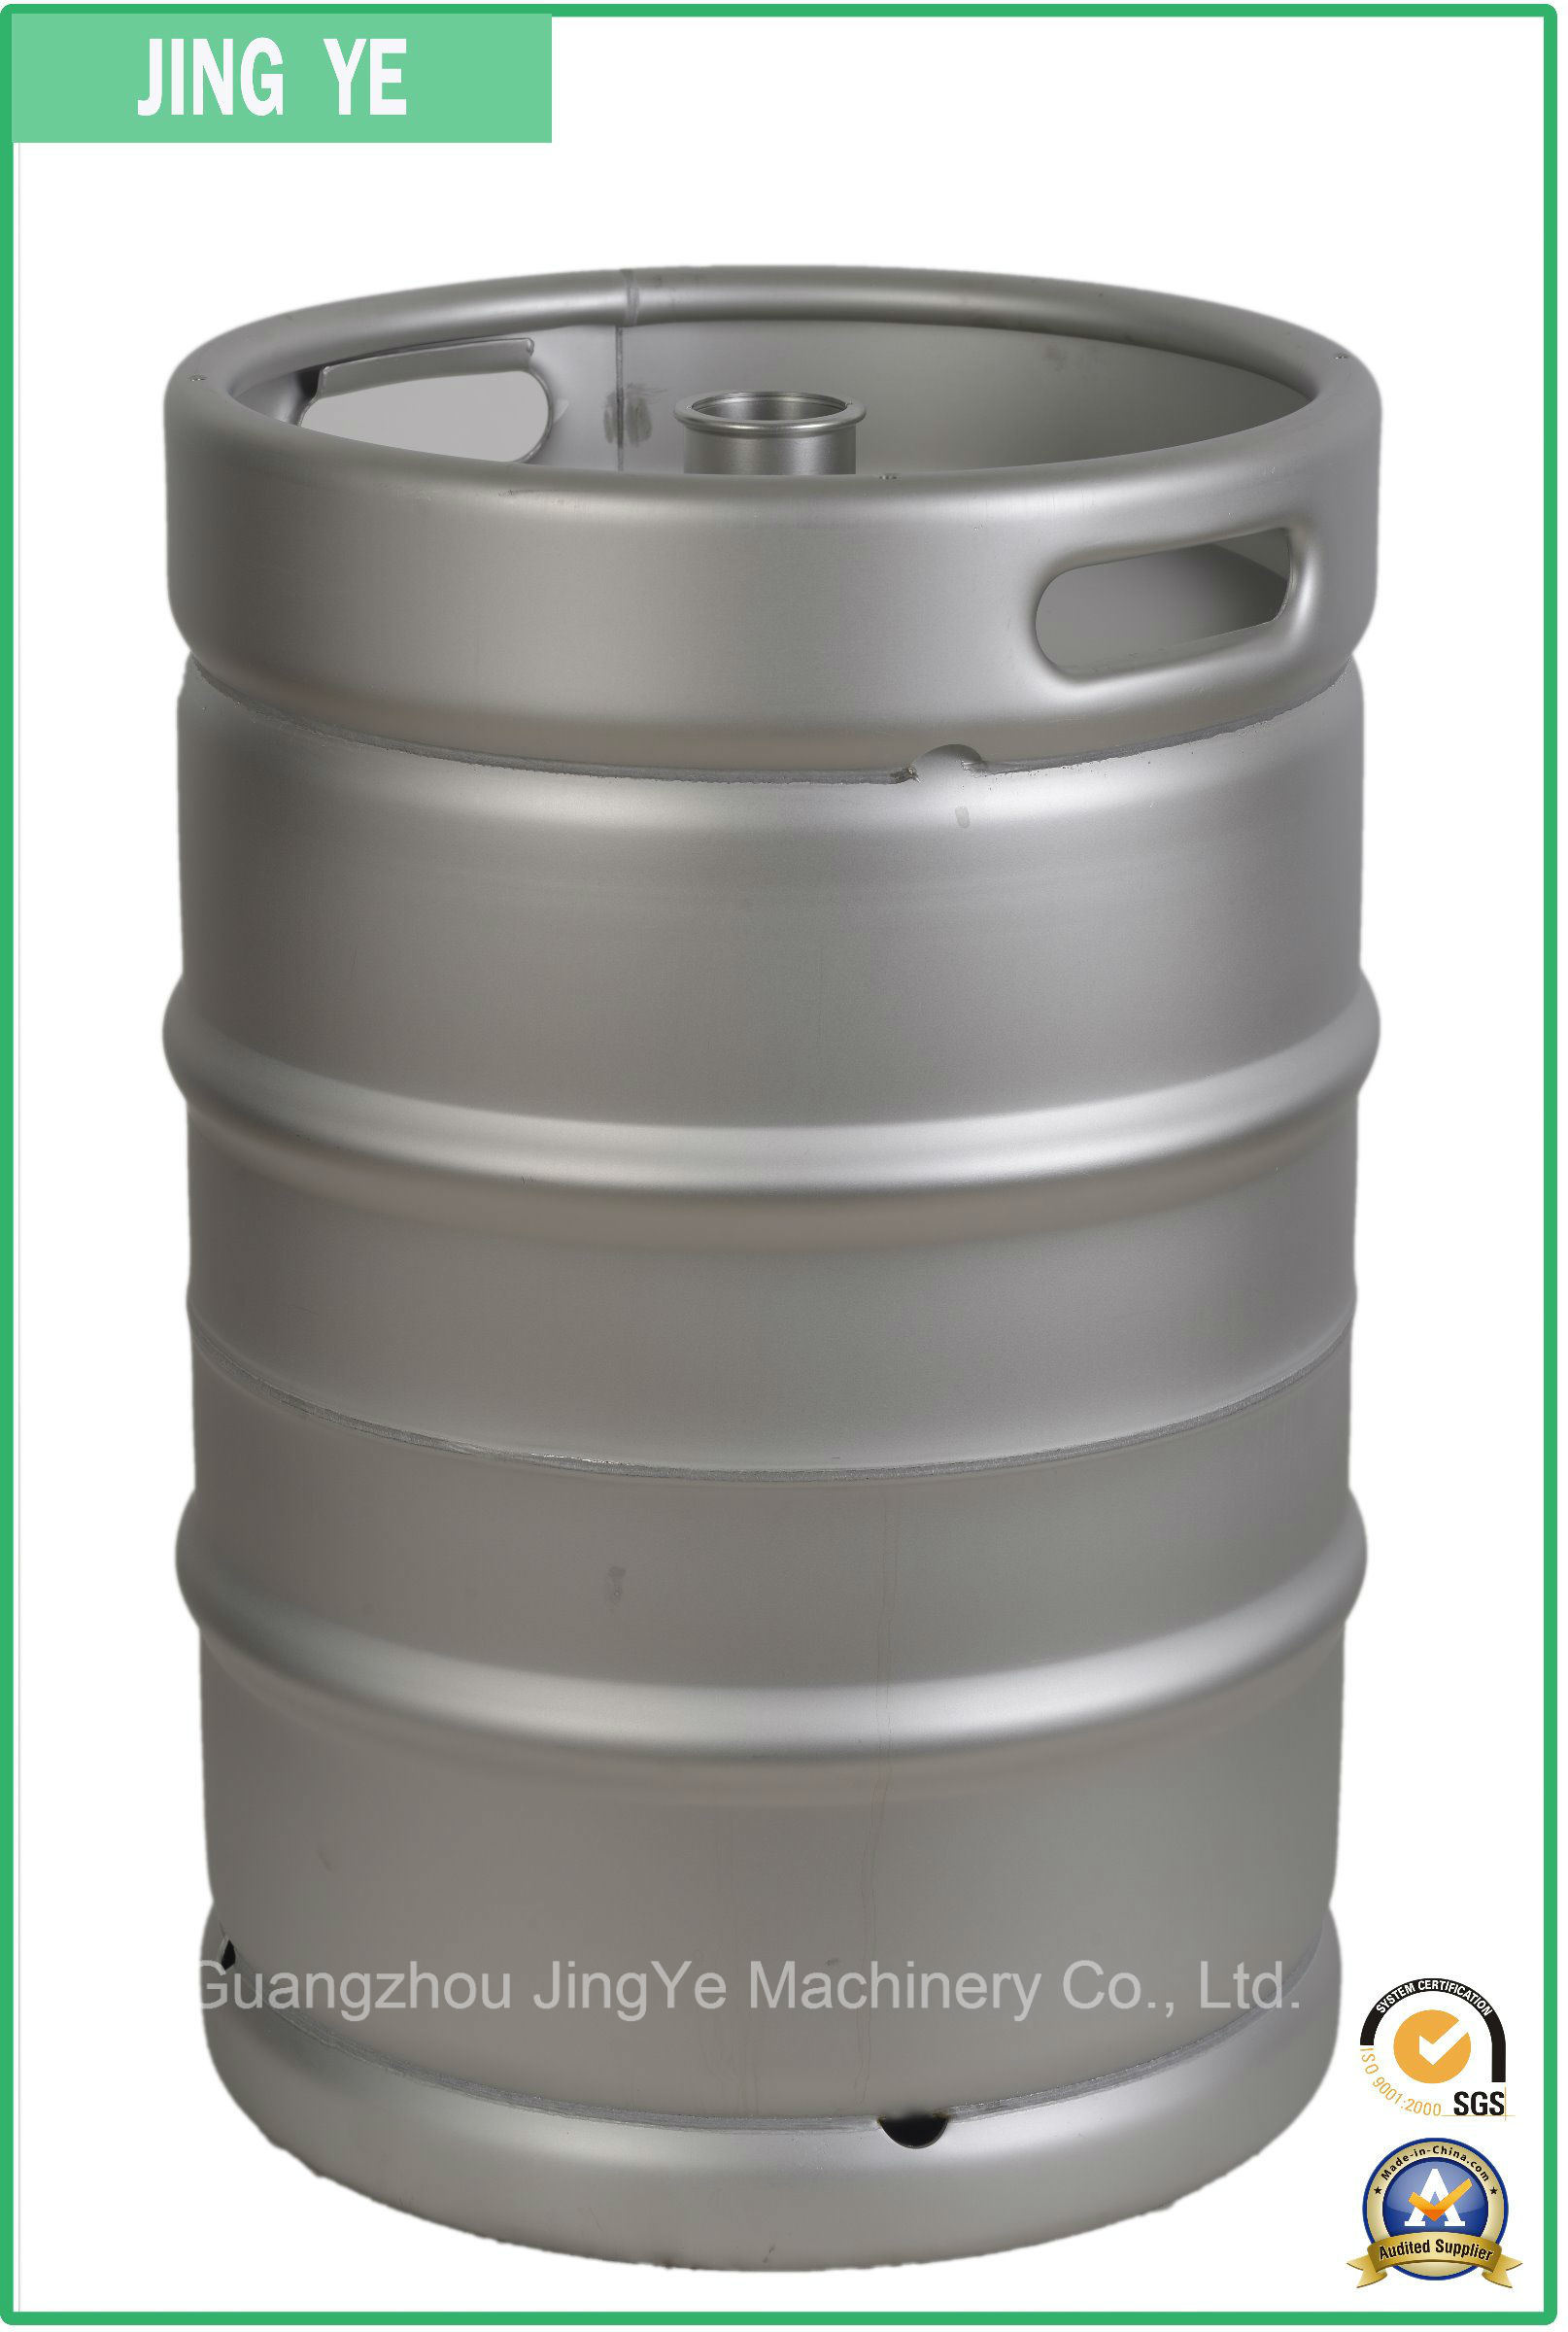 Us 1/2 Beer Keg 58.6L